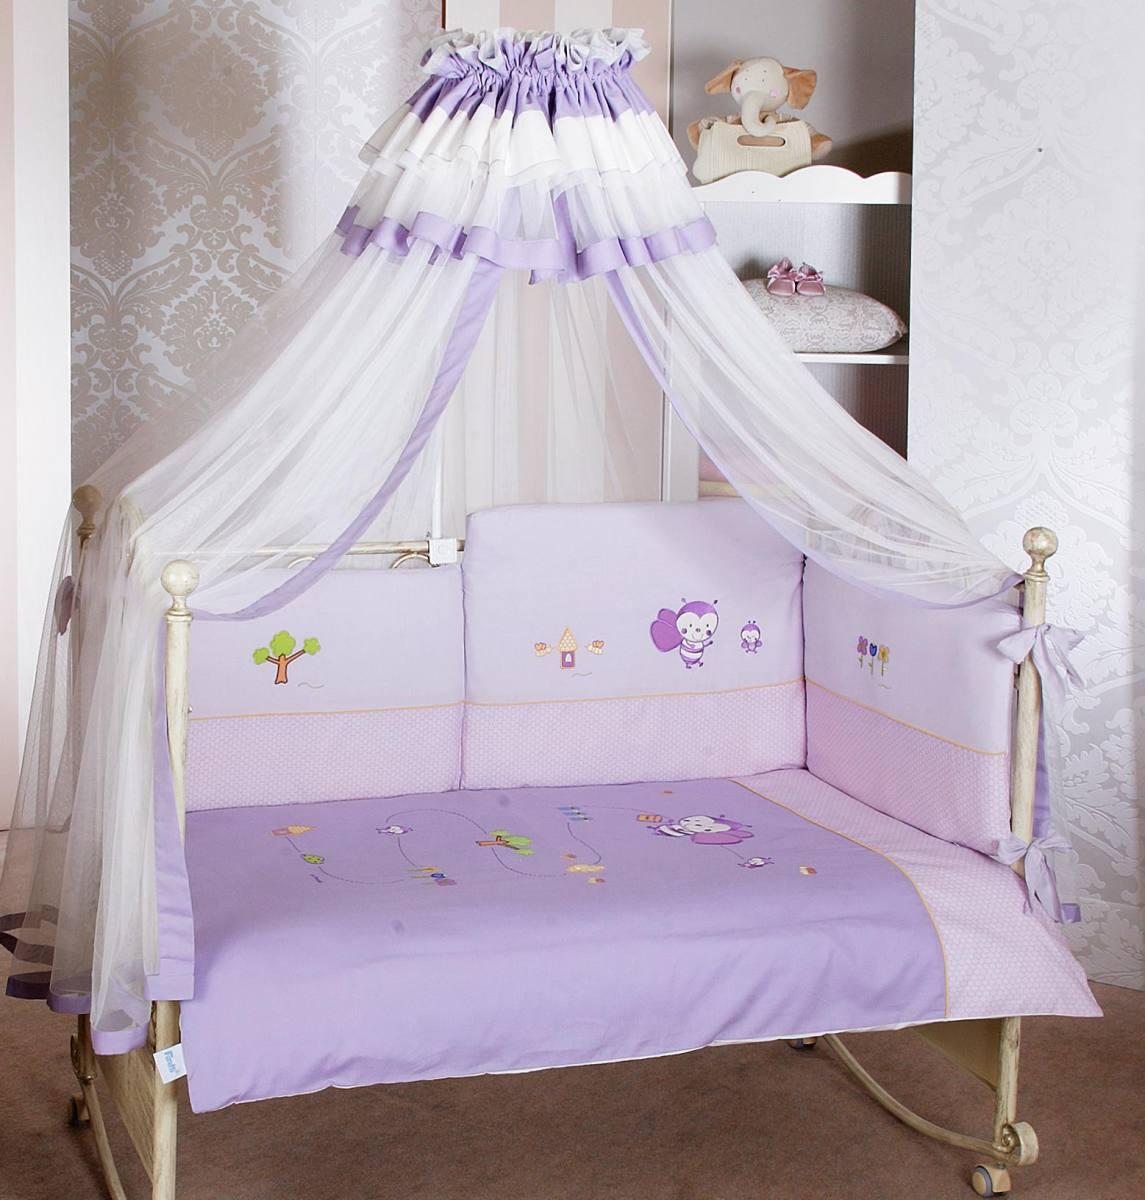 Комплект постельного белья Bee лонг, 6 предметов, фиолетовыйДетское постельное белье<br>Комплект постельного белья Bee лонг, 6 предметов, фиолетовый<br>